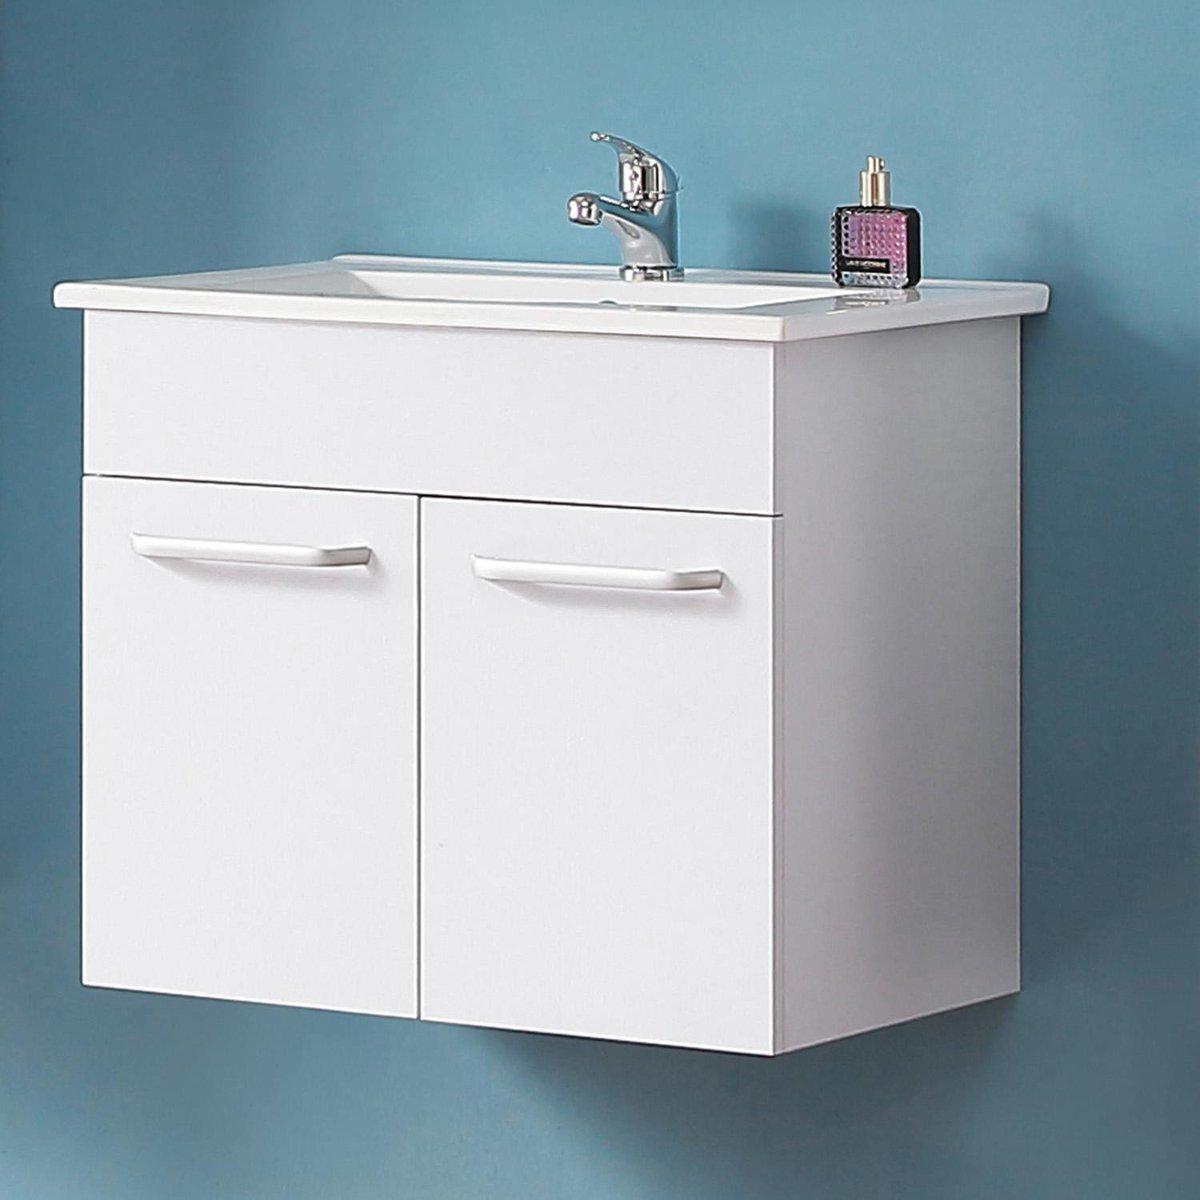 Badmeubel 60 cm Mat wit met onderbouw kast, keramiek Wastafel, Badmeubel met waskom, Badkamermeubel Set, Wastafelonderkast,